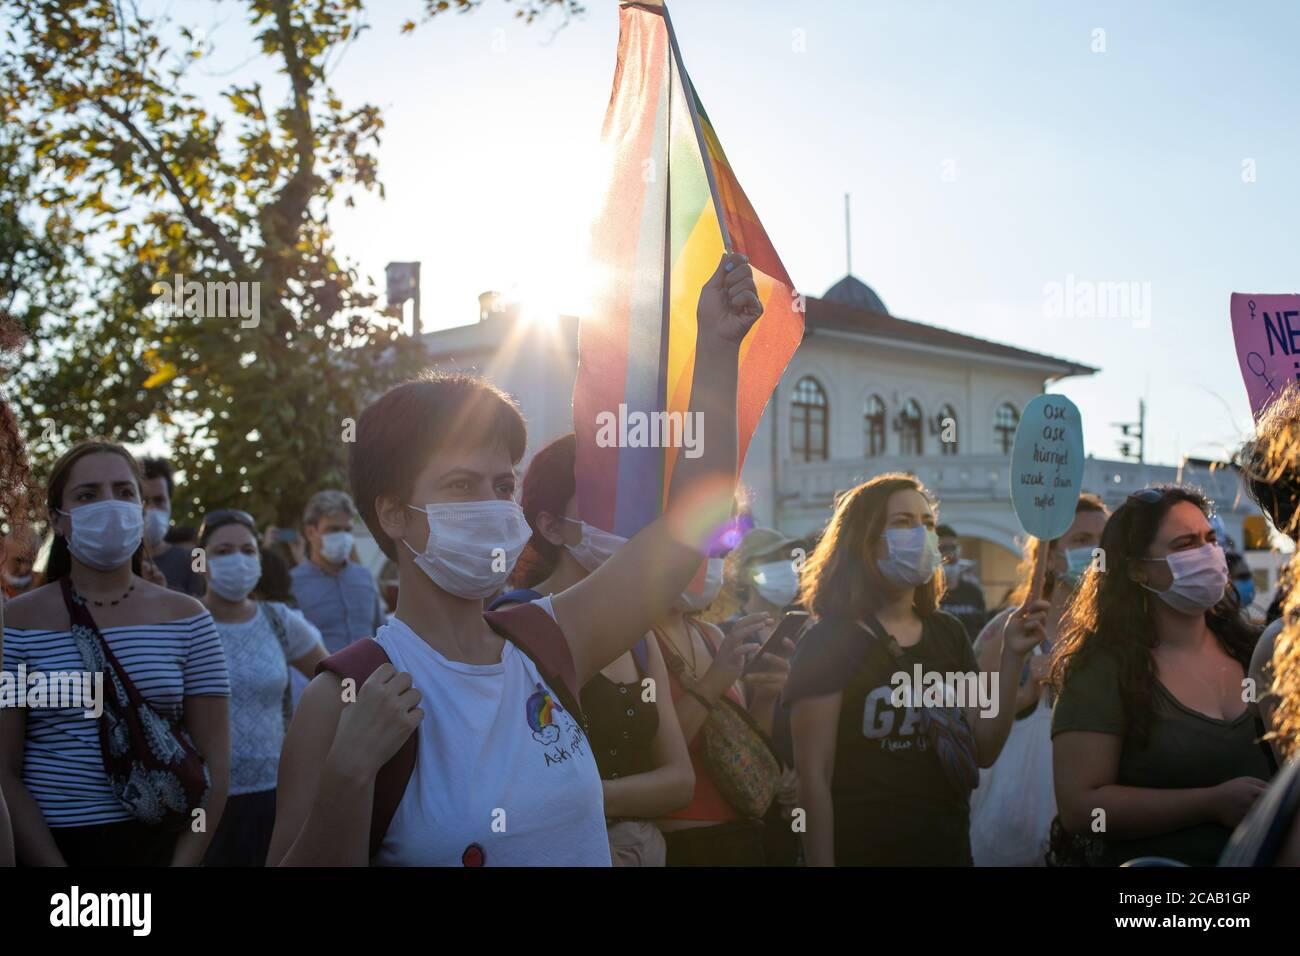 Mujeres para organizar manifestaciones en todo el país el día que AKP discute la Convención de Estambul. Las organizaciones de mujeres realizarán manifestaciones en diversas partes Foto de stock